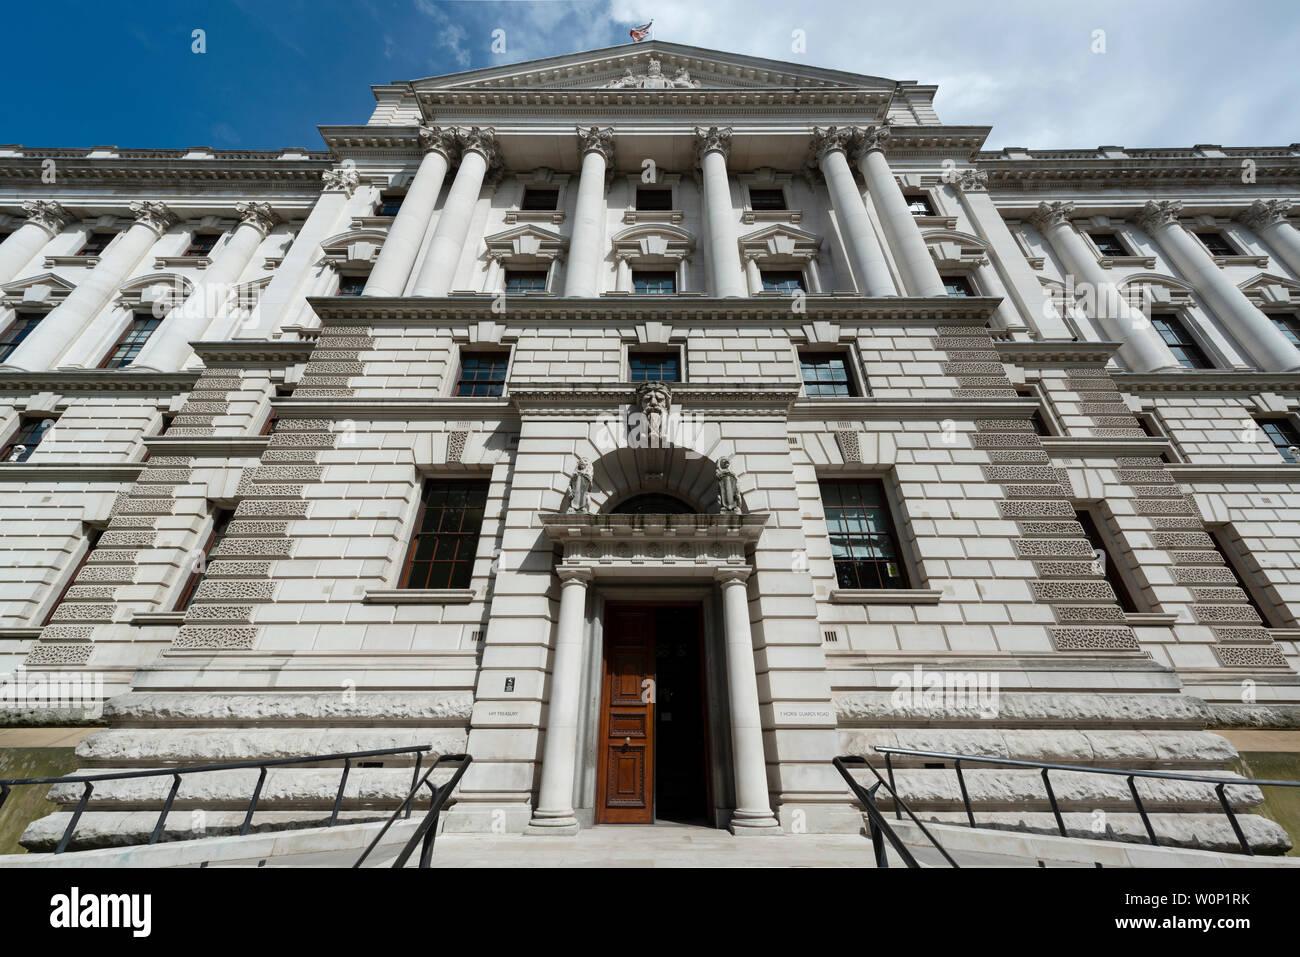 El HM Treasury edificio situado a caballo protectores Road en Londres, Reino Unido. Imagen De Stock